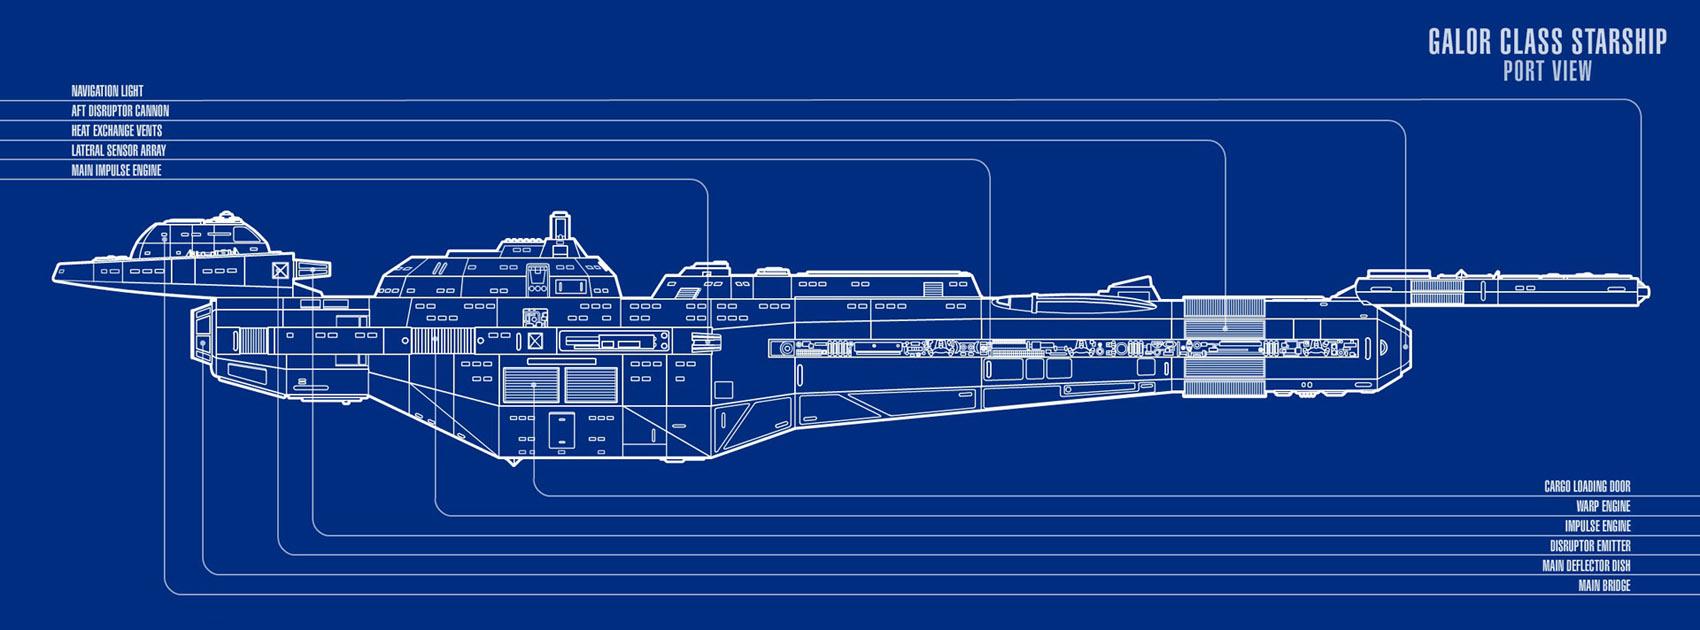 Winnipeg Jets Iphone Wallpaper 77 Star Trek Facebook Timeline Cover Photos Digital Citizen